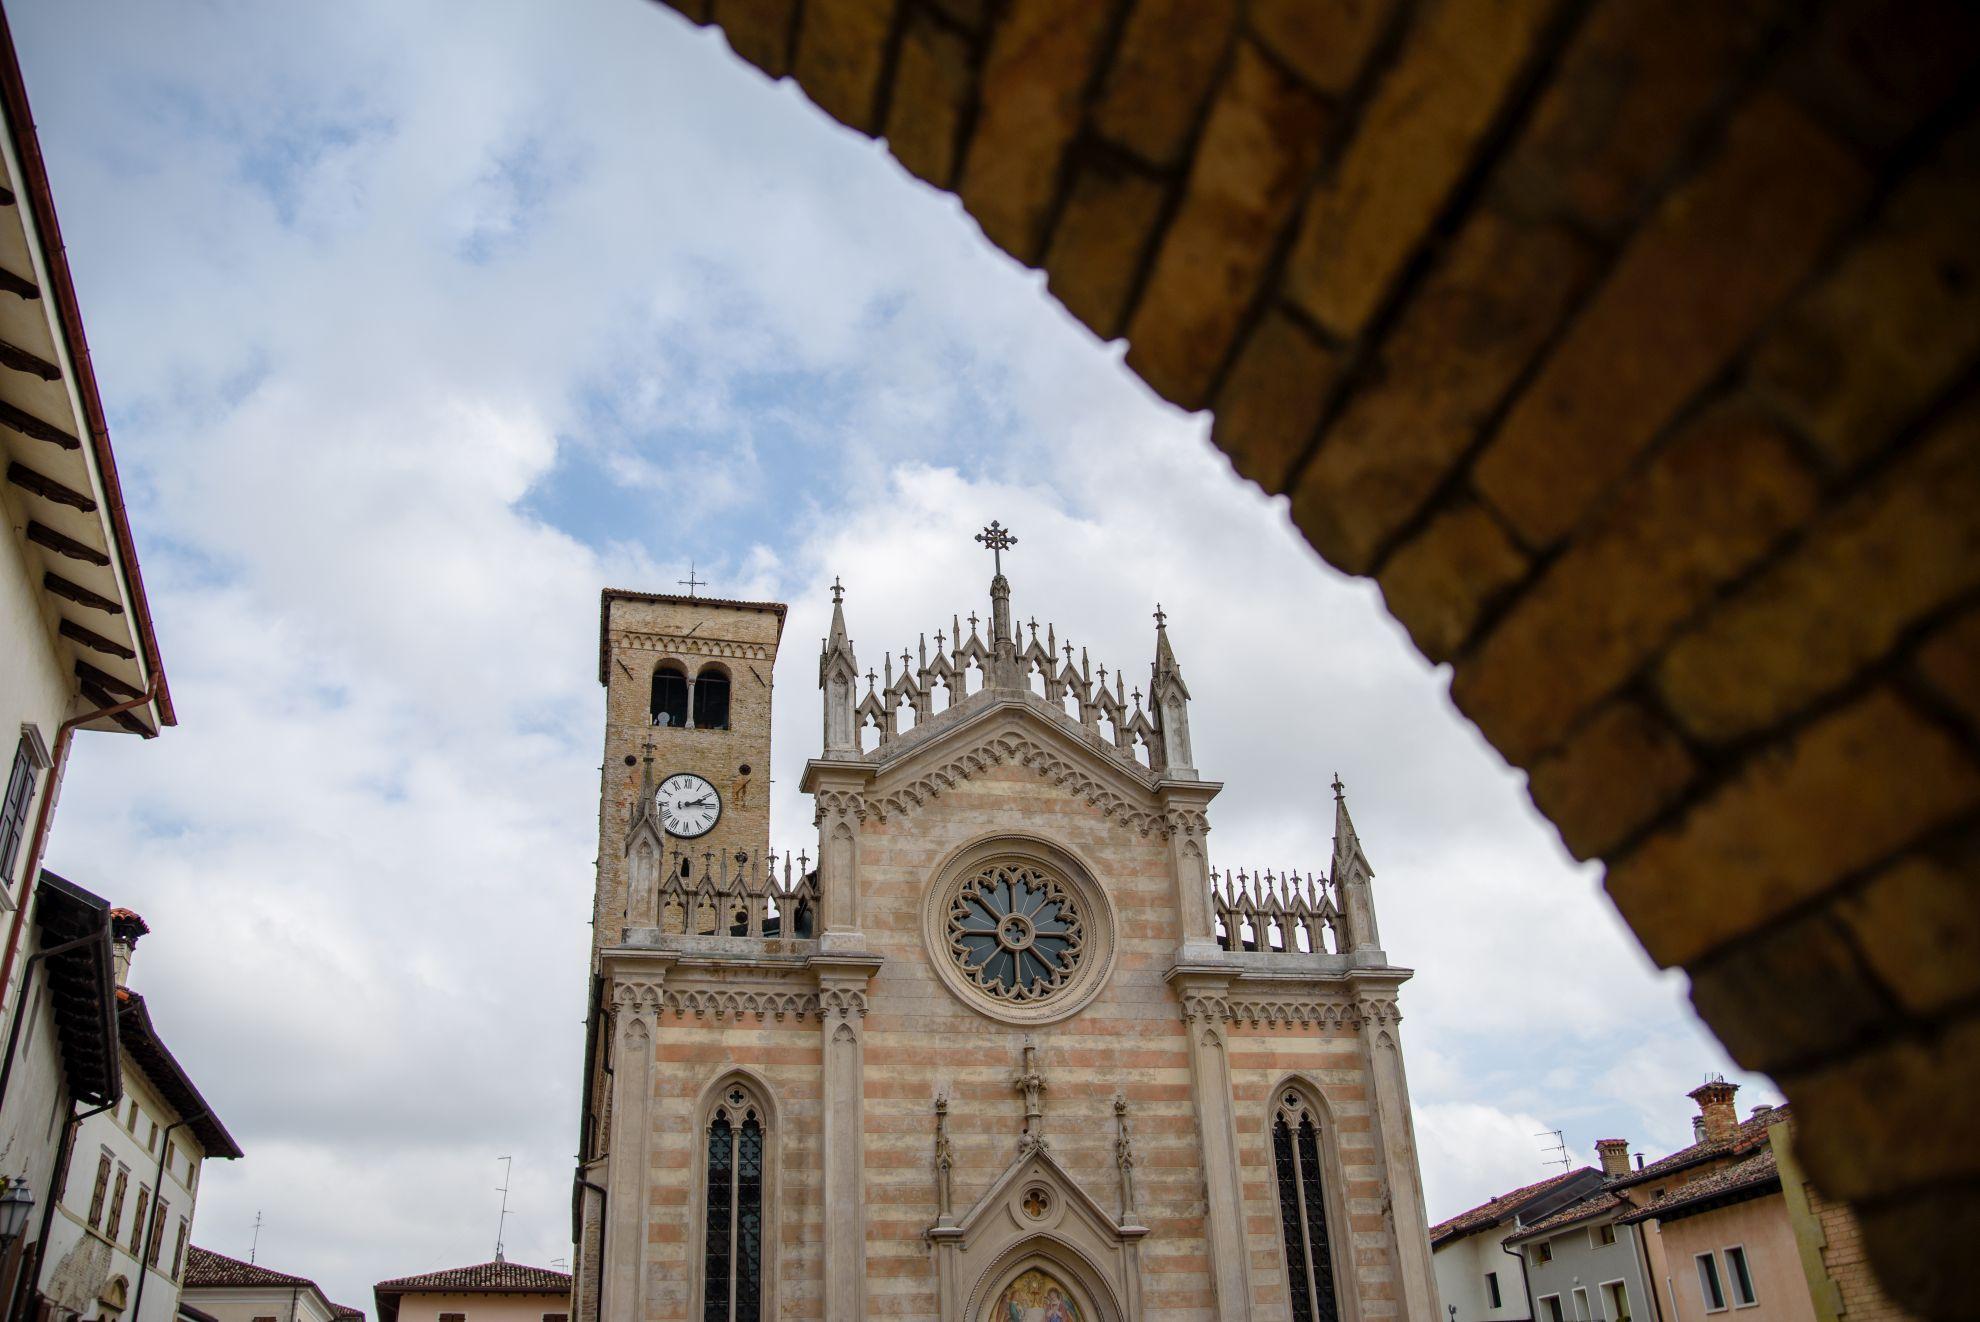 Chiesa Del Santissimo Corpo Di Cristo w Valvasone